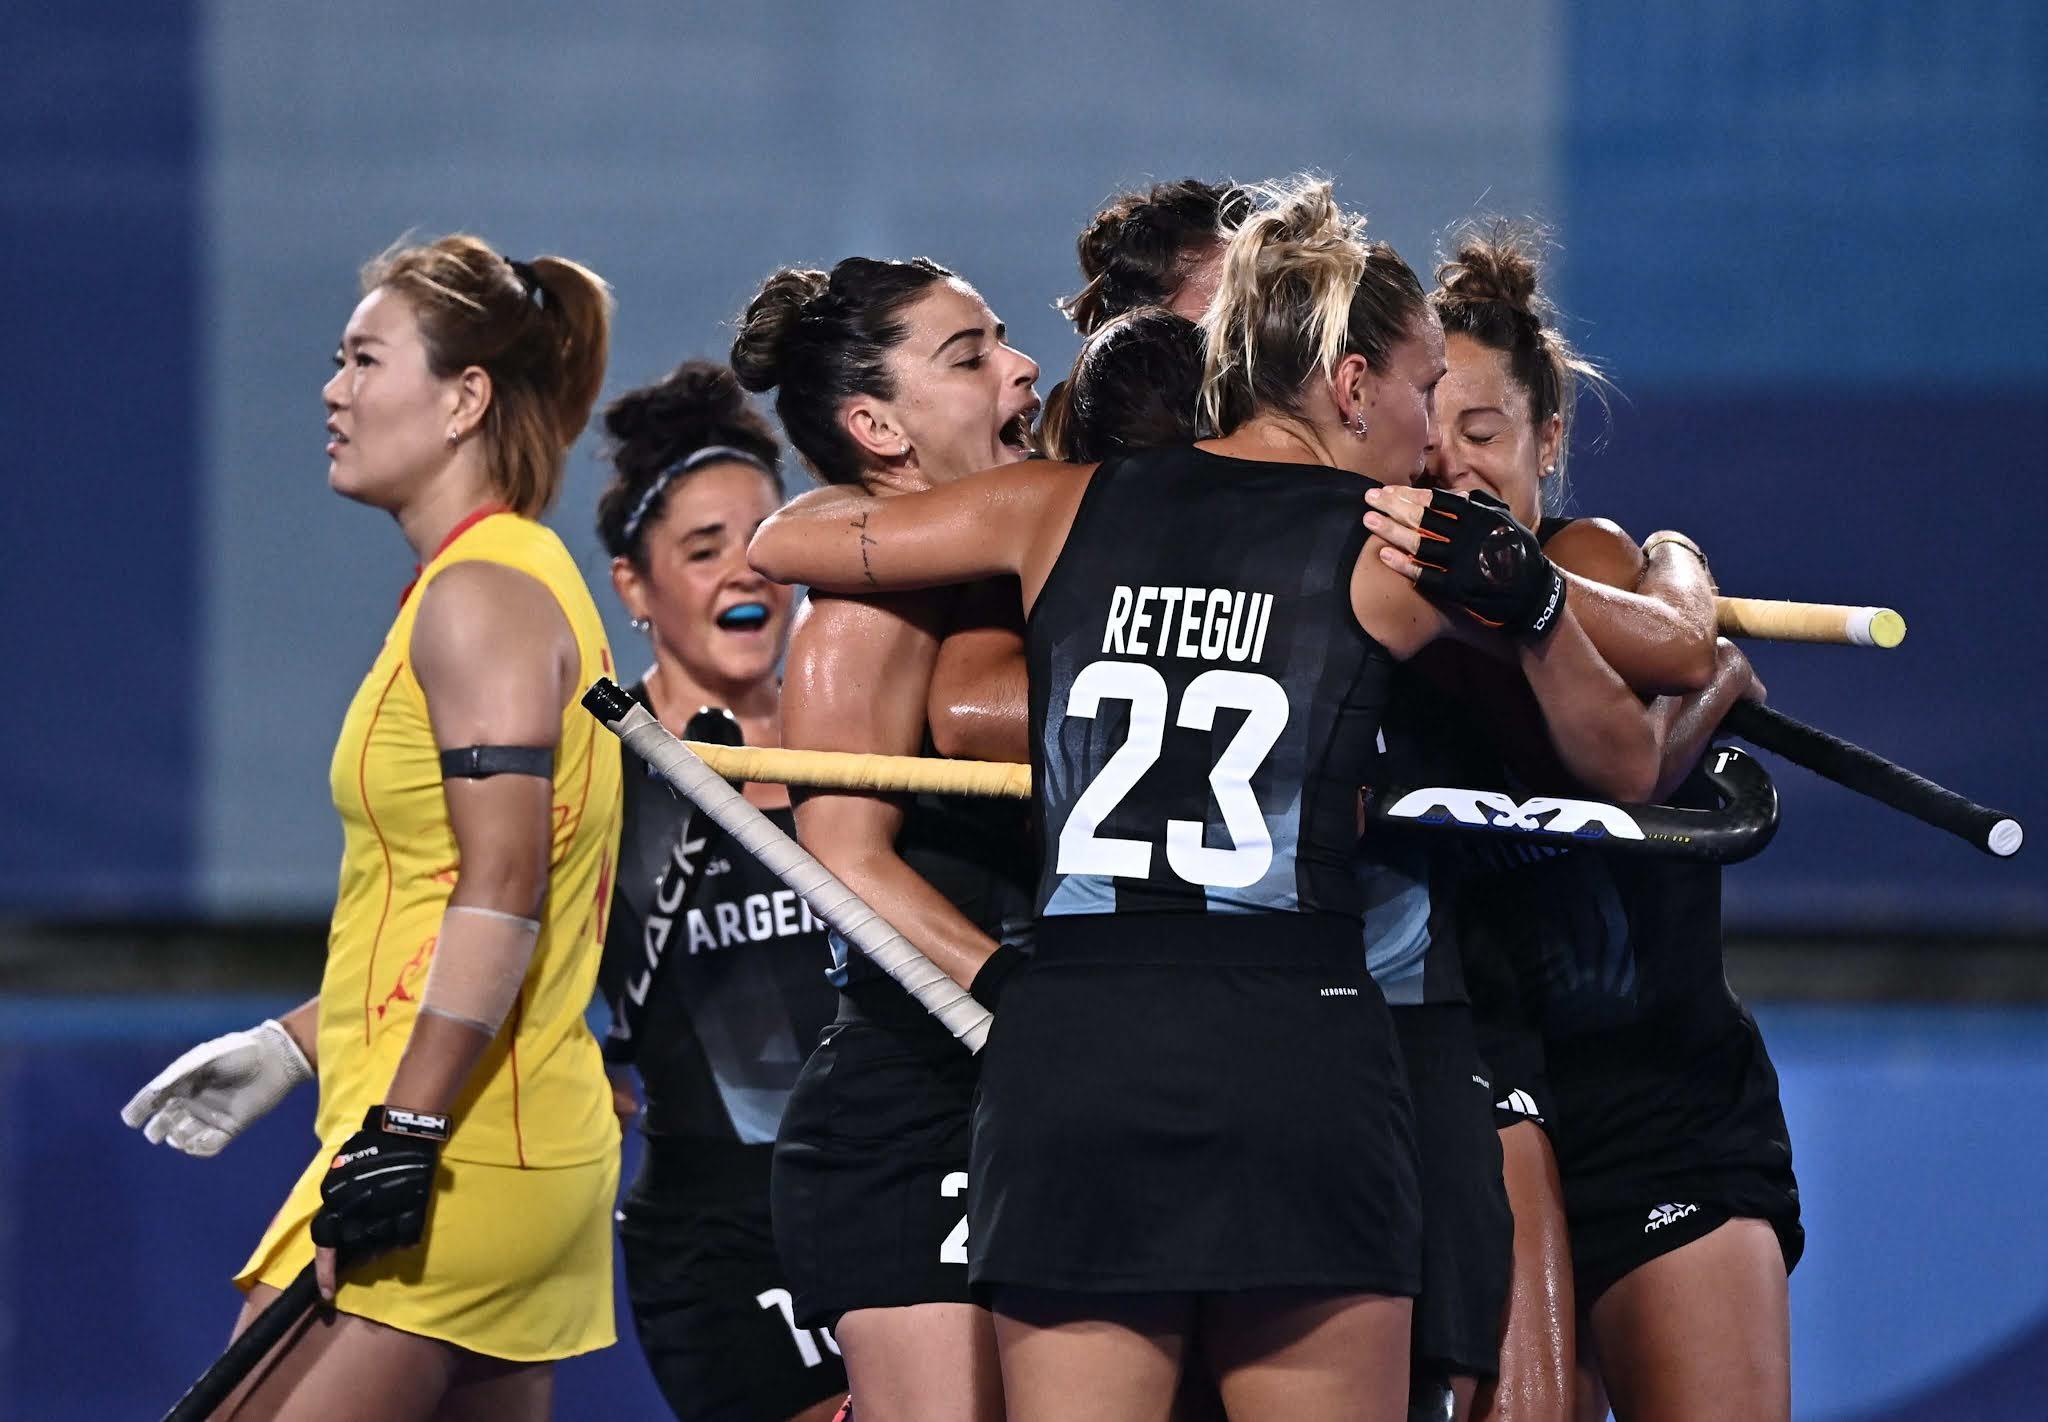 Las Leonas derrotaron a su par asiático por 3-2 en su tercer partido del grupo B de los Juegos Olímpicos de Tokio 2020 y ya se aseguraron la clasificación a los cuartos de final.